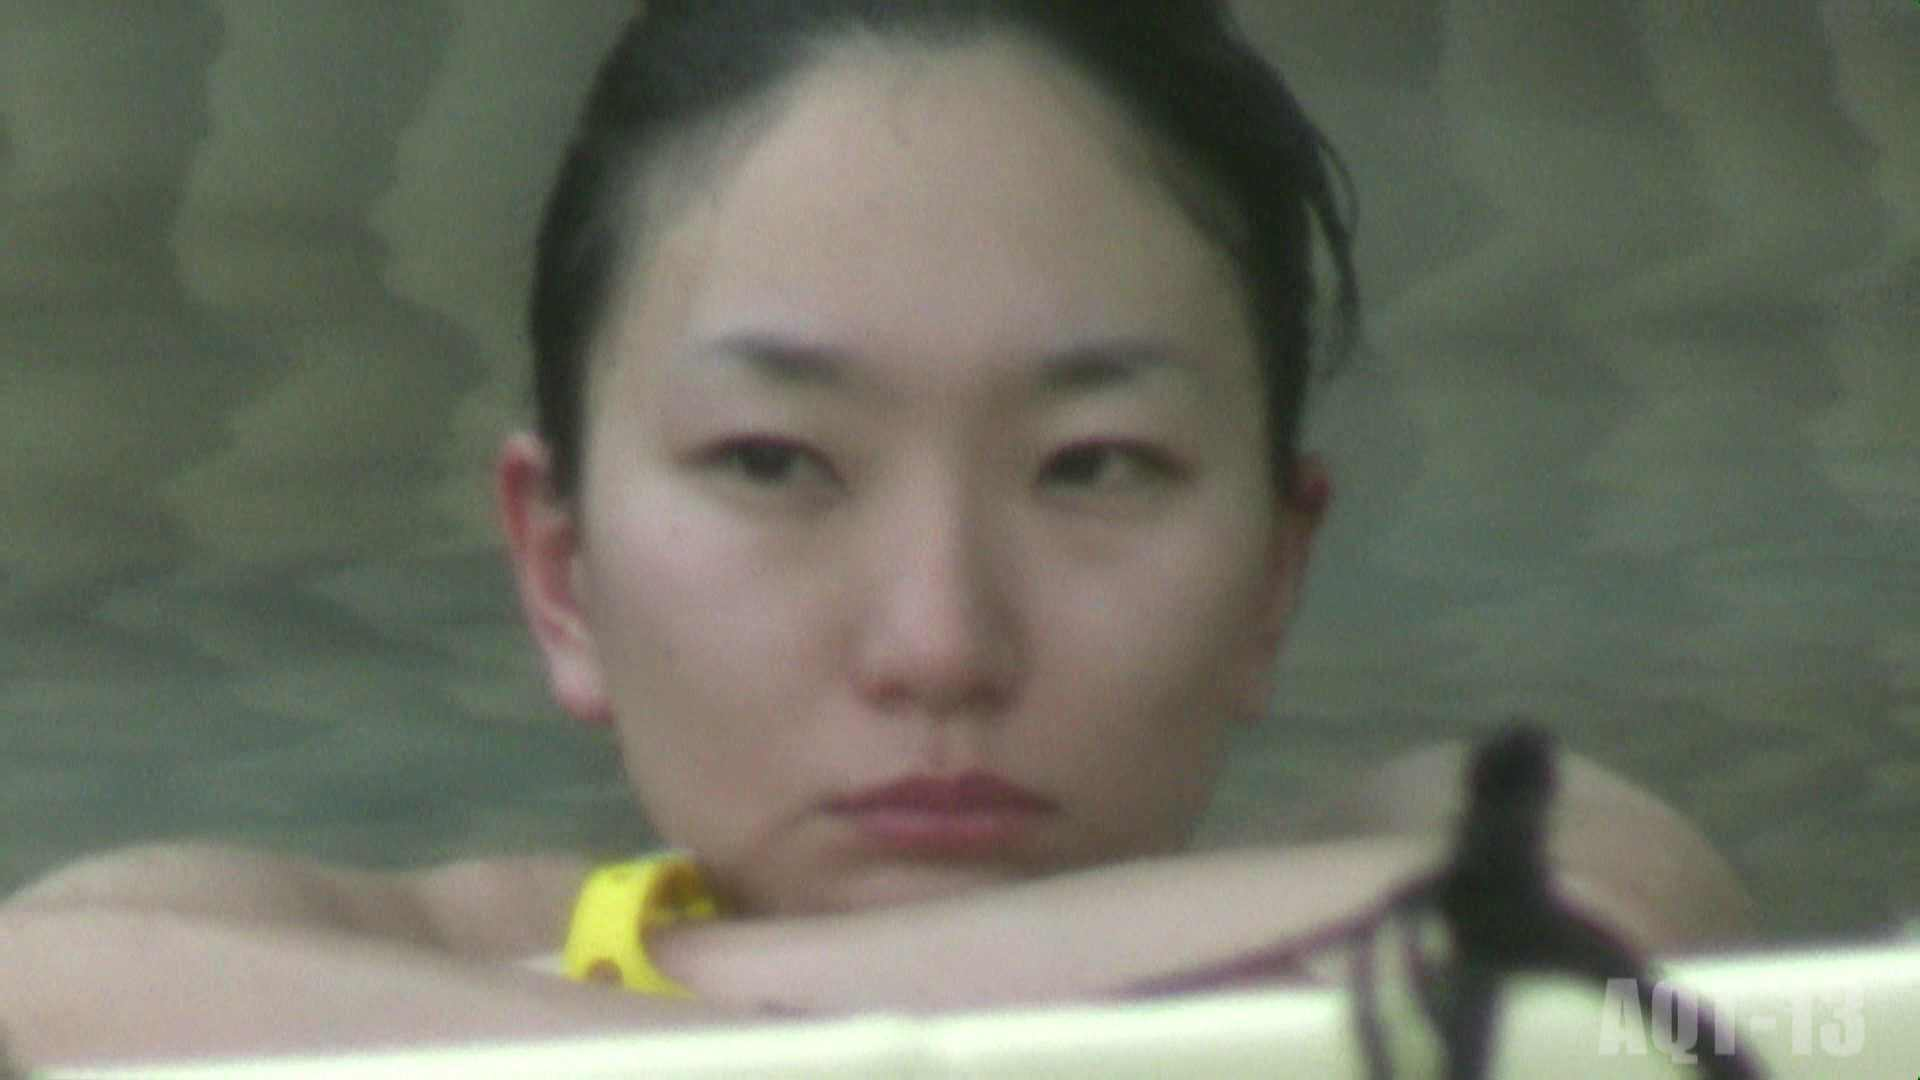 Aquaな露天風呂Vol.818 盗撮 オメコ動画キャプチャ 88画像 74